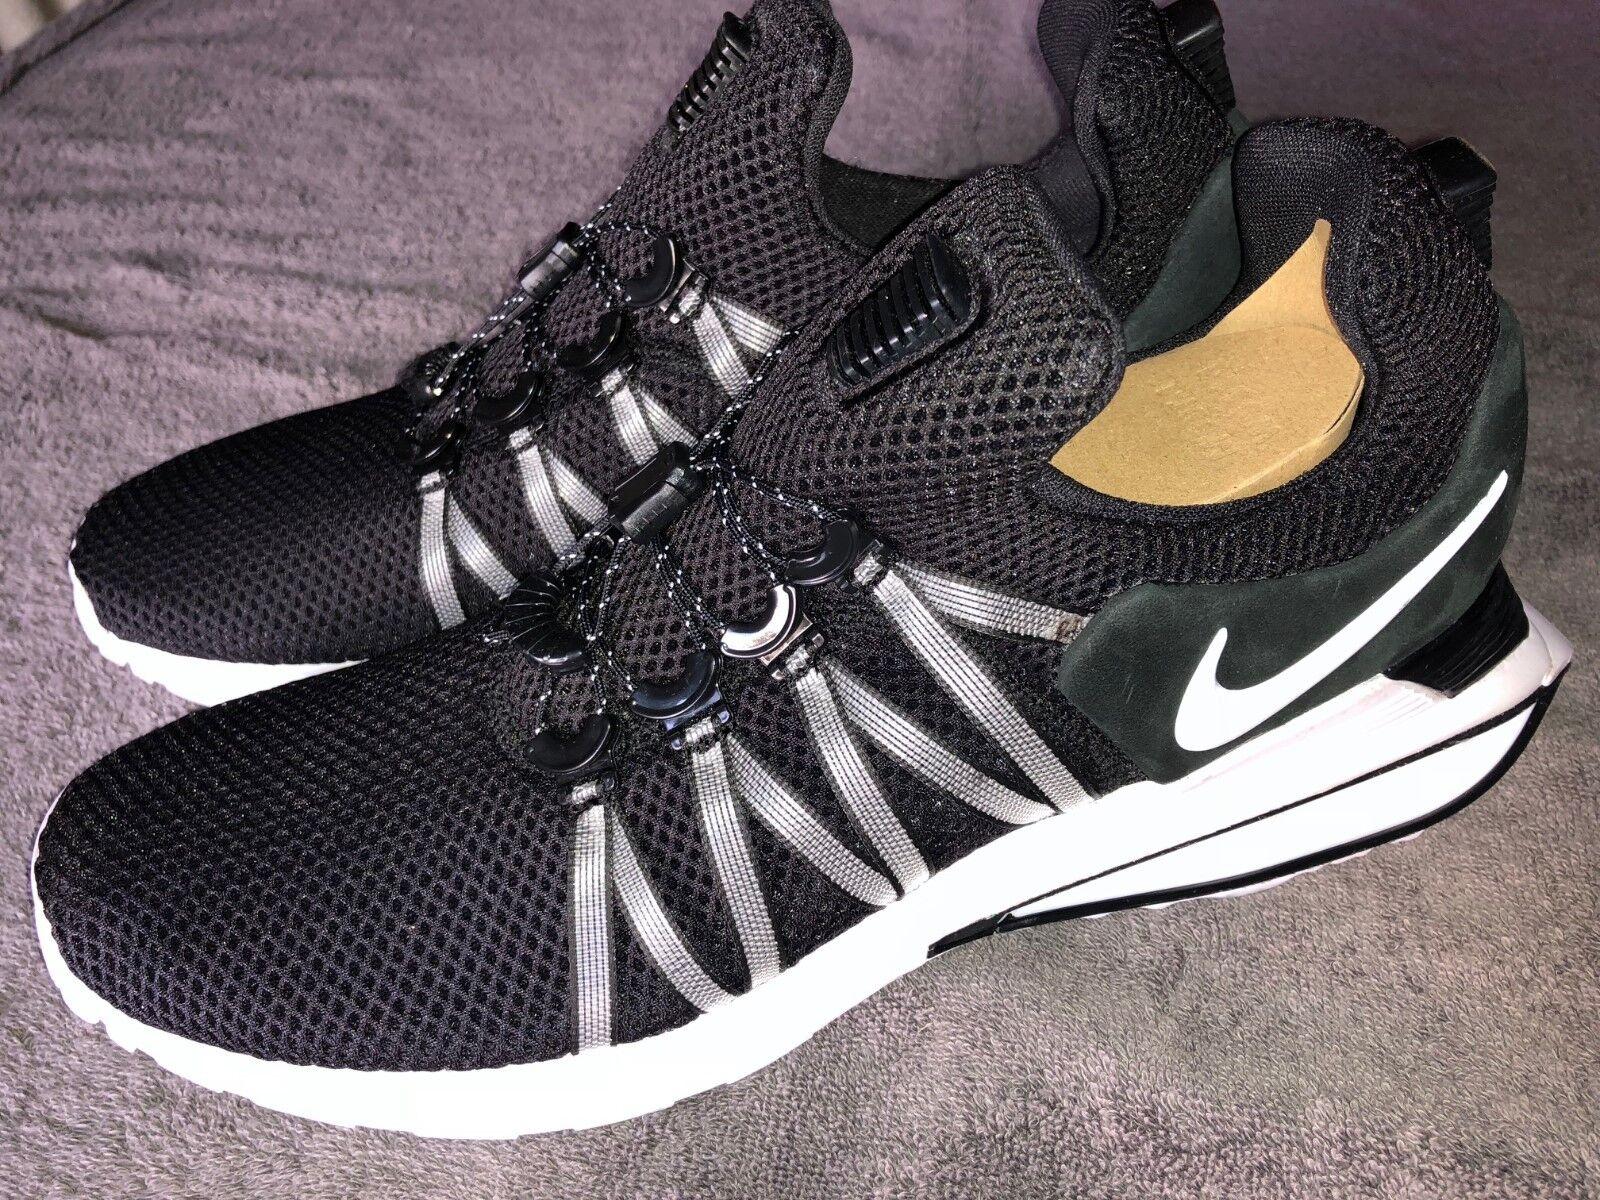 Nuove nike Uomo huarache scarpe dimensioni nere / vela tutte le dimensioni scarpe abb7a8